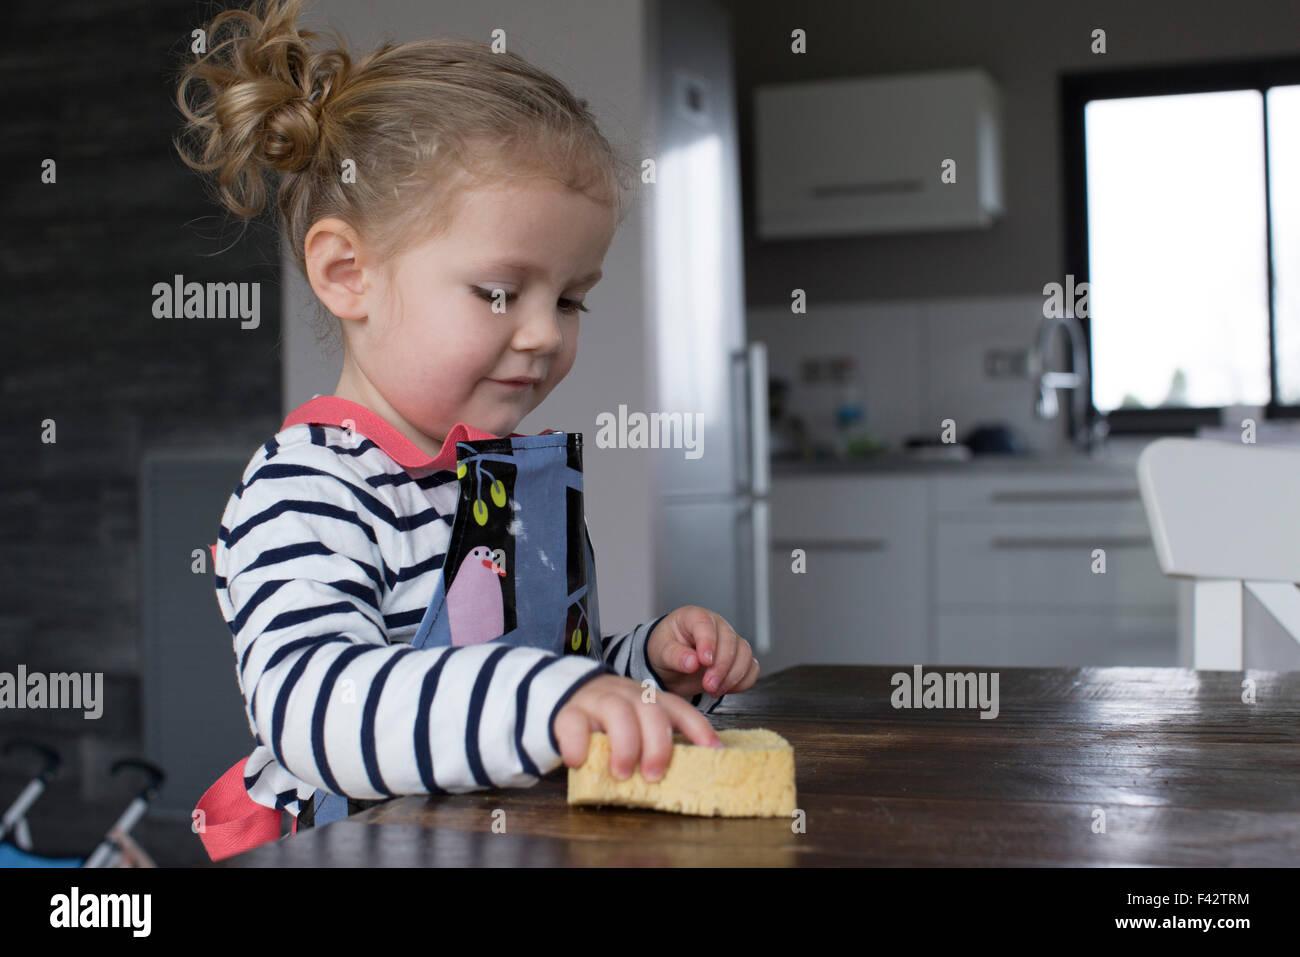 Tisch abwischen Stockfotografie Alamy